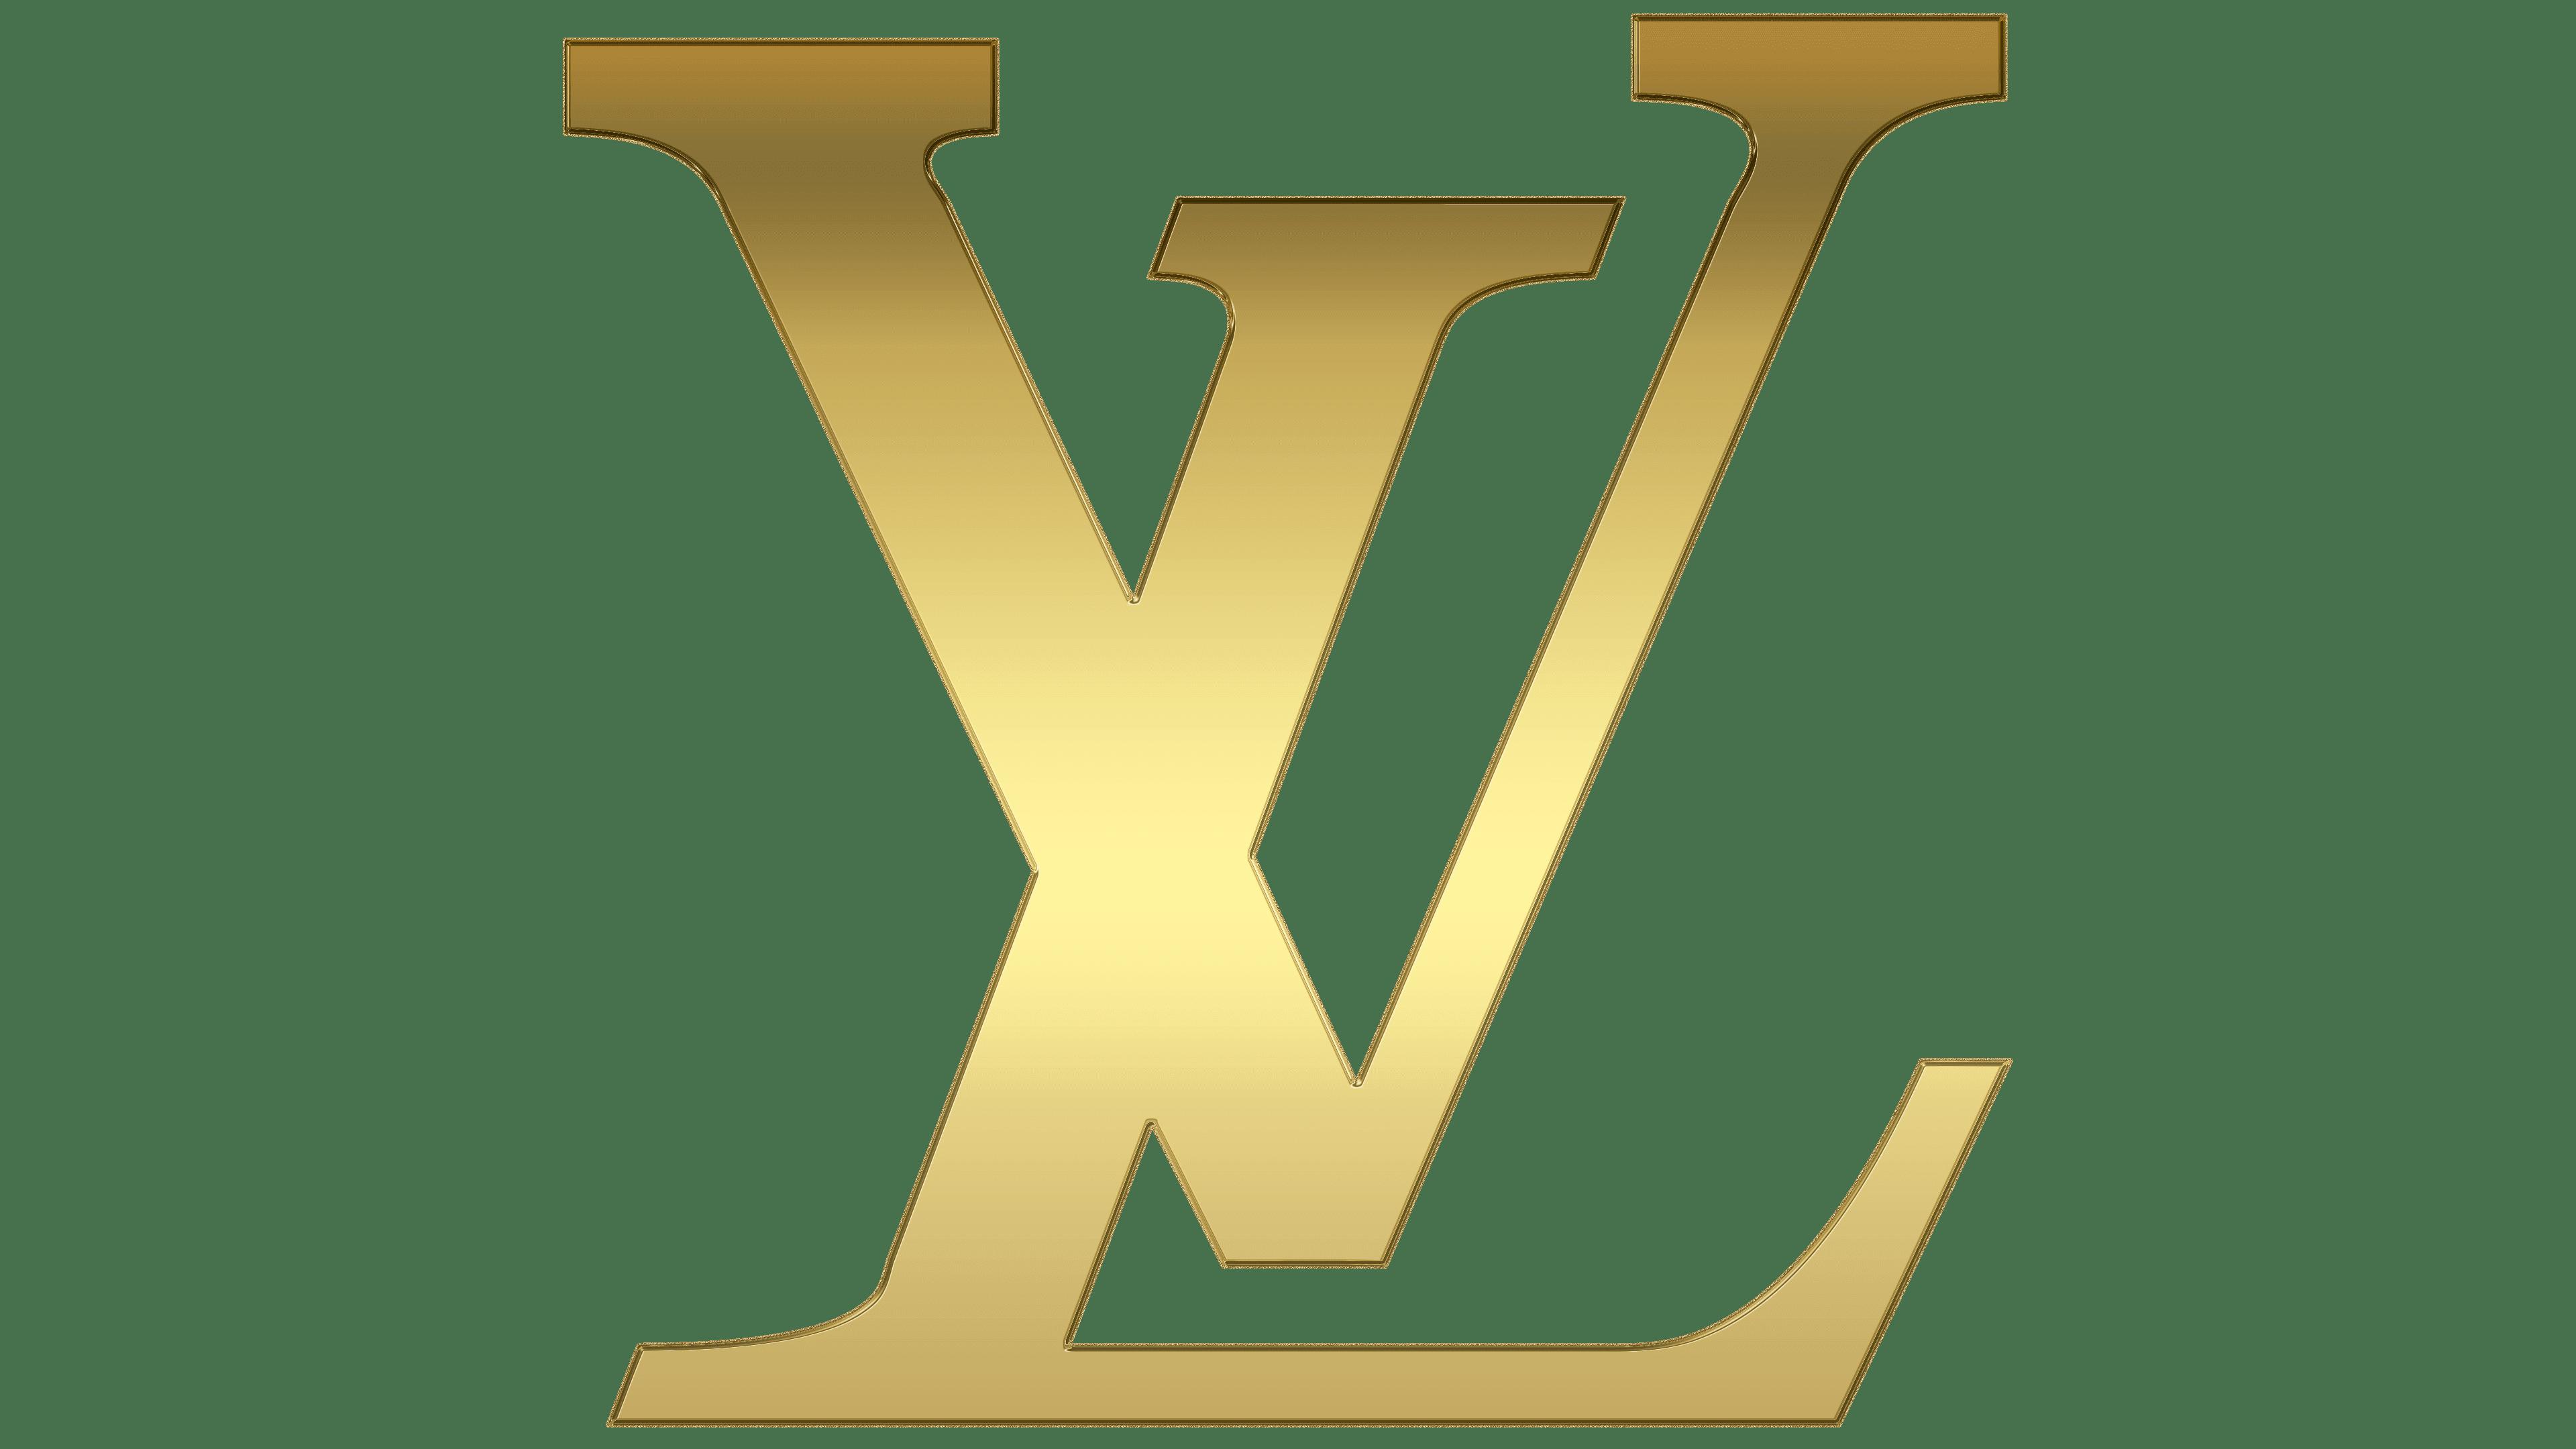 Louis Vuitton logo